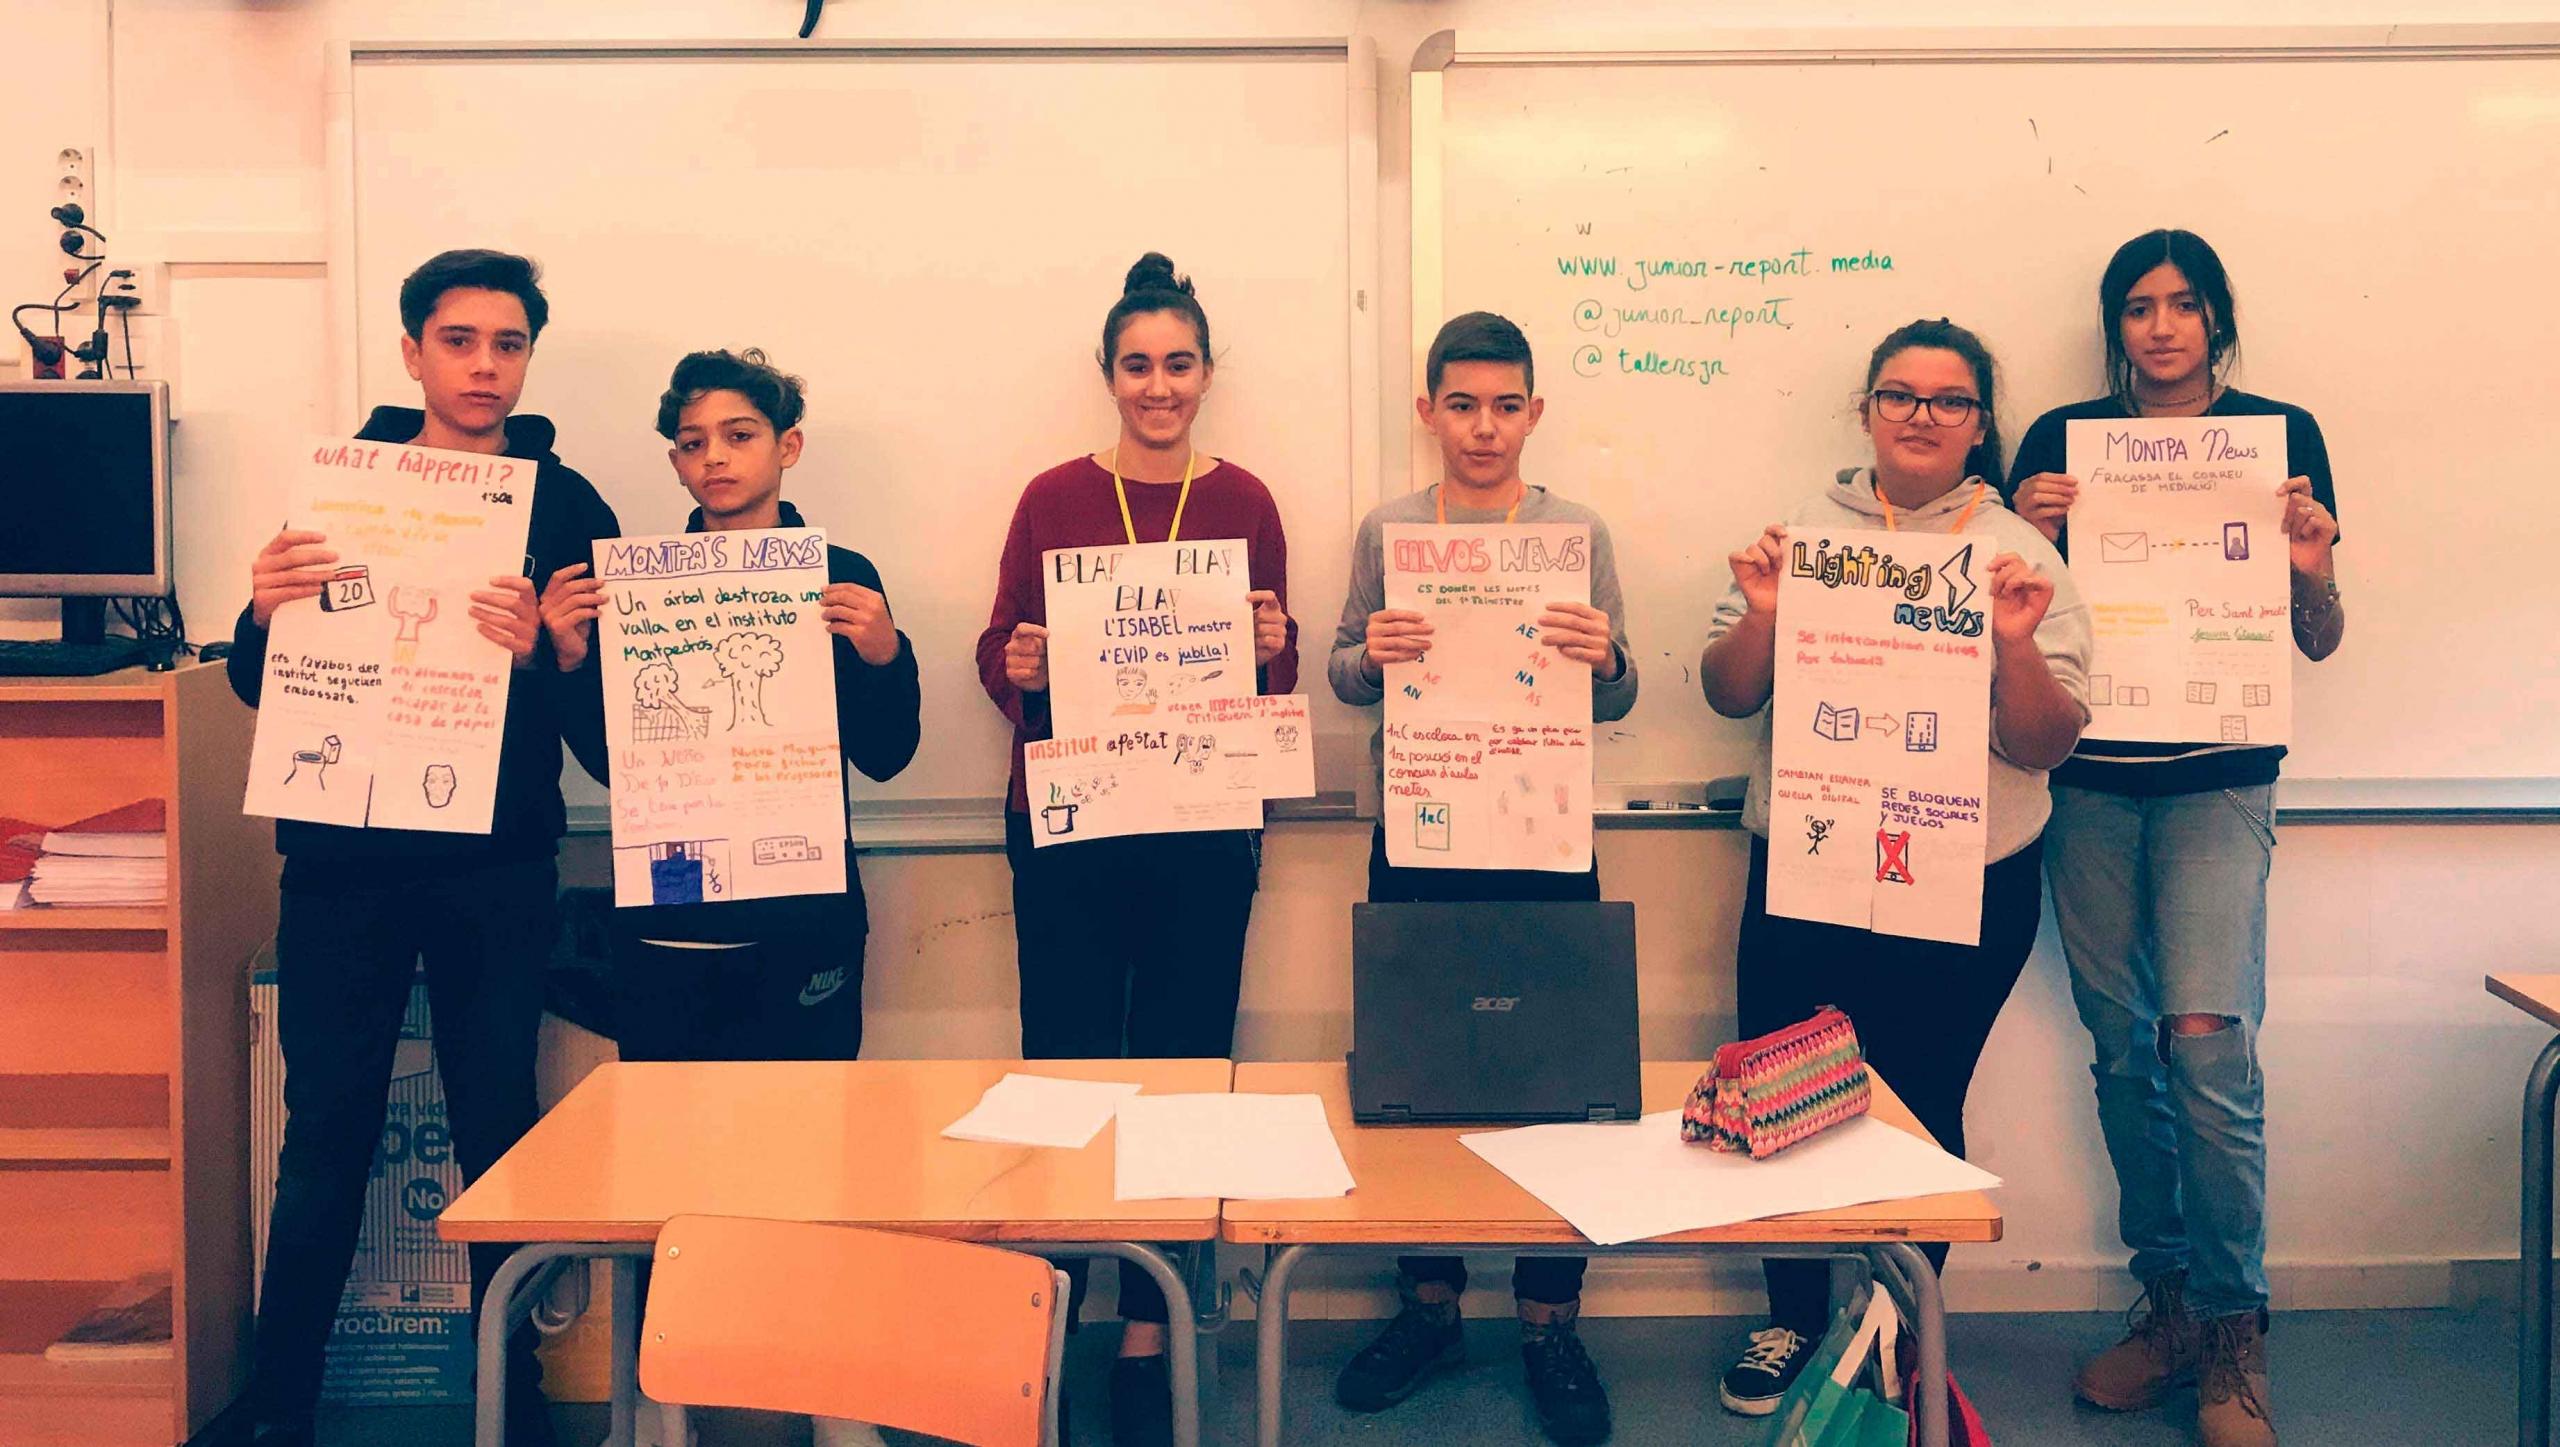 Alumnos enseñando una portada